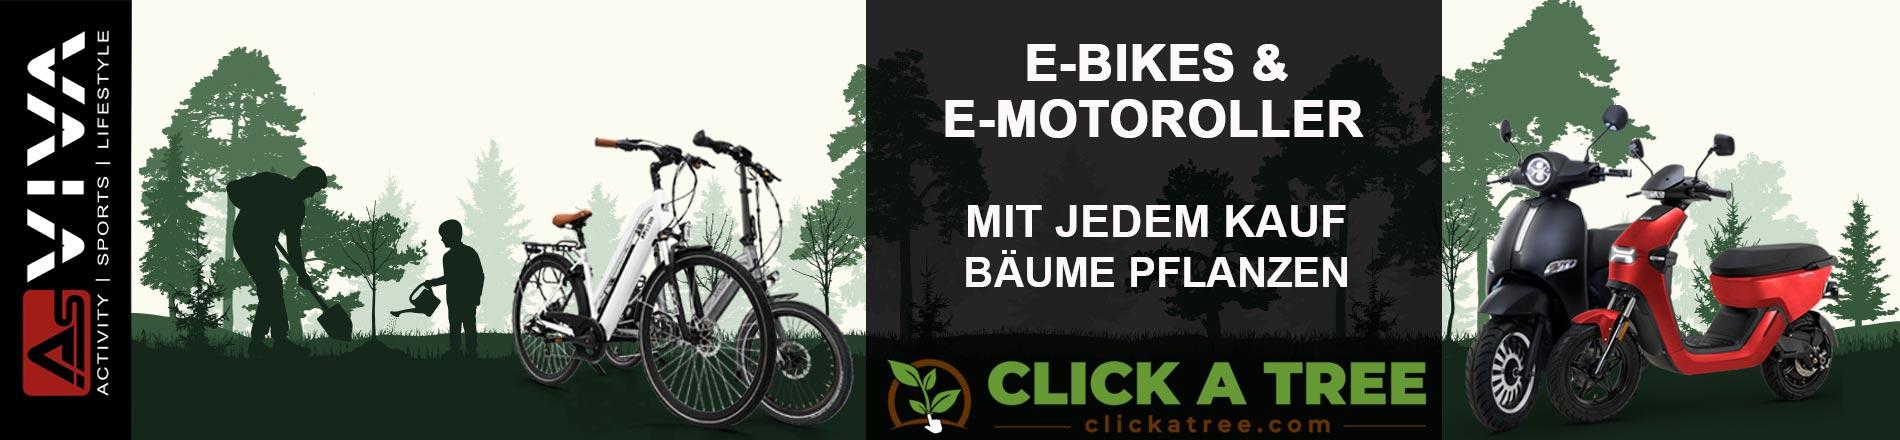 AsVIVA E-Bike oder E-Roller kaufen und damit neue Bäume pflanzen